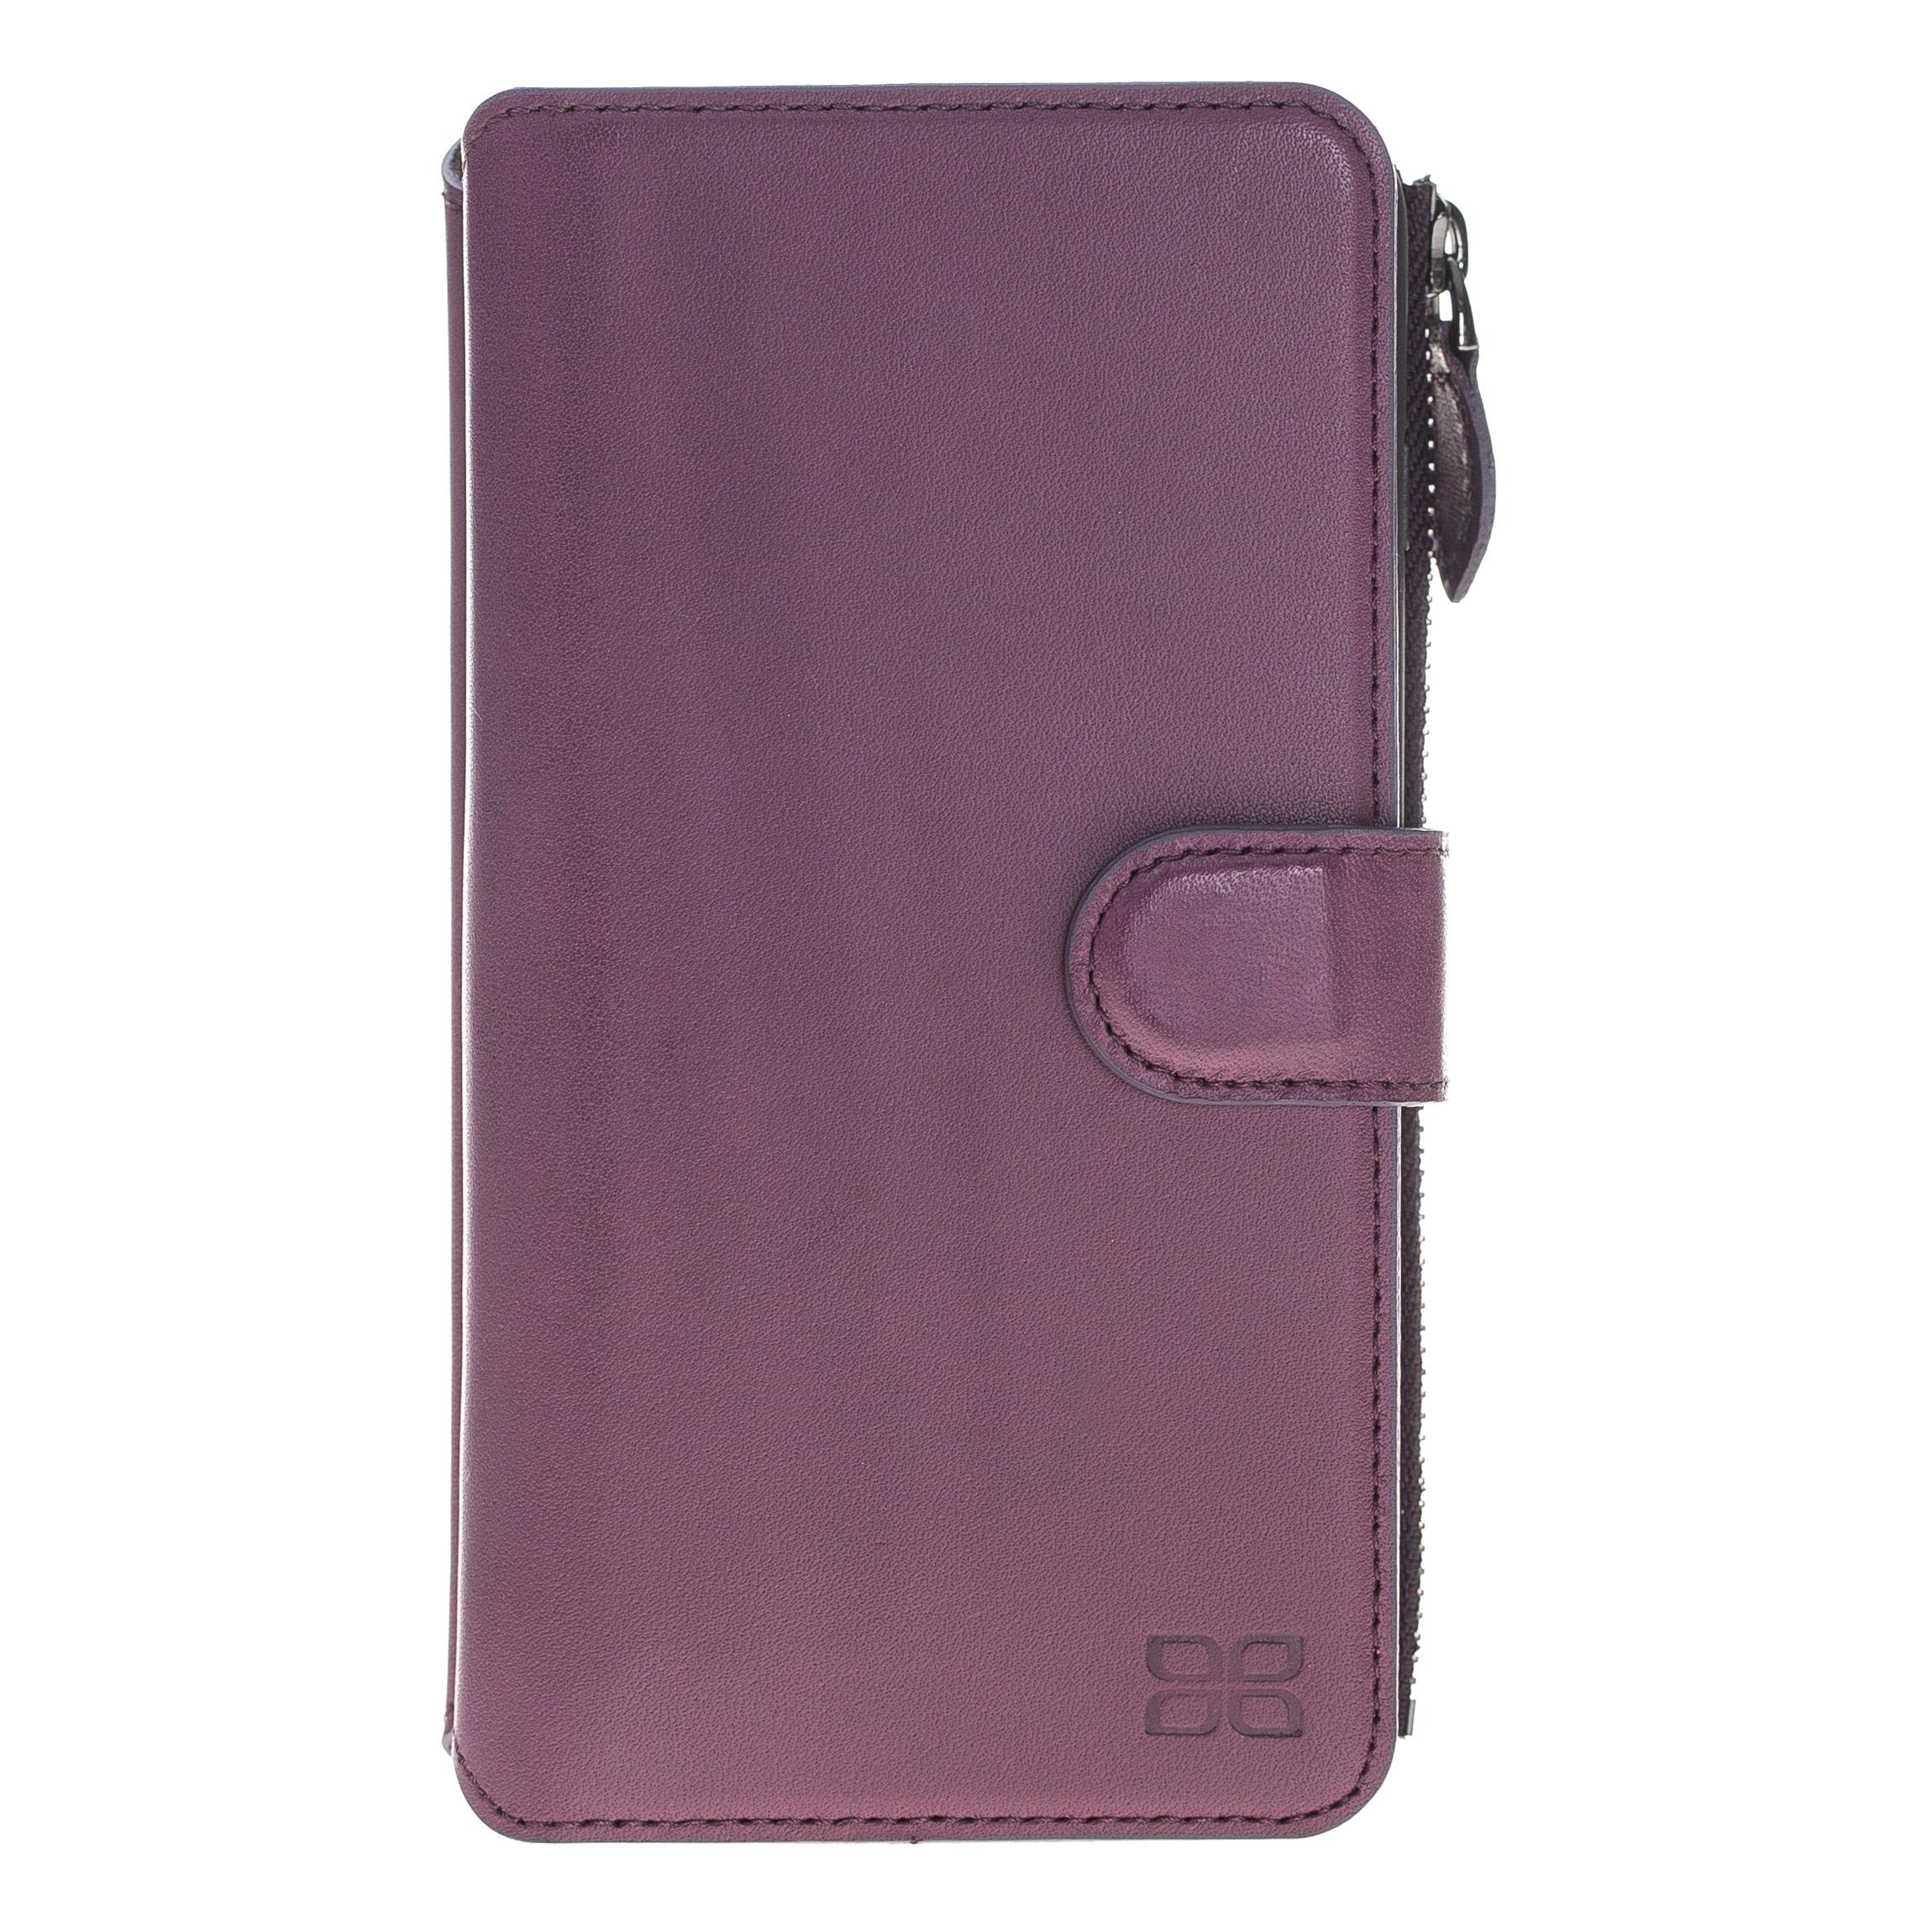 Чехол ZipMagic Wallet Bouletta Сиреневый BRN2 для Iphone X/XS